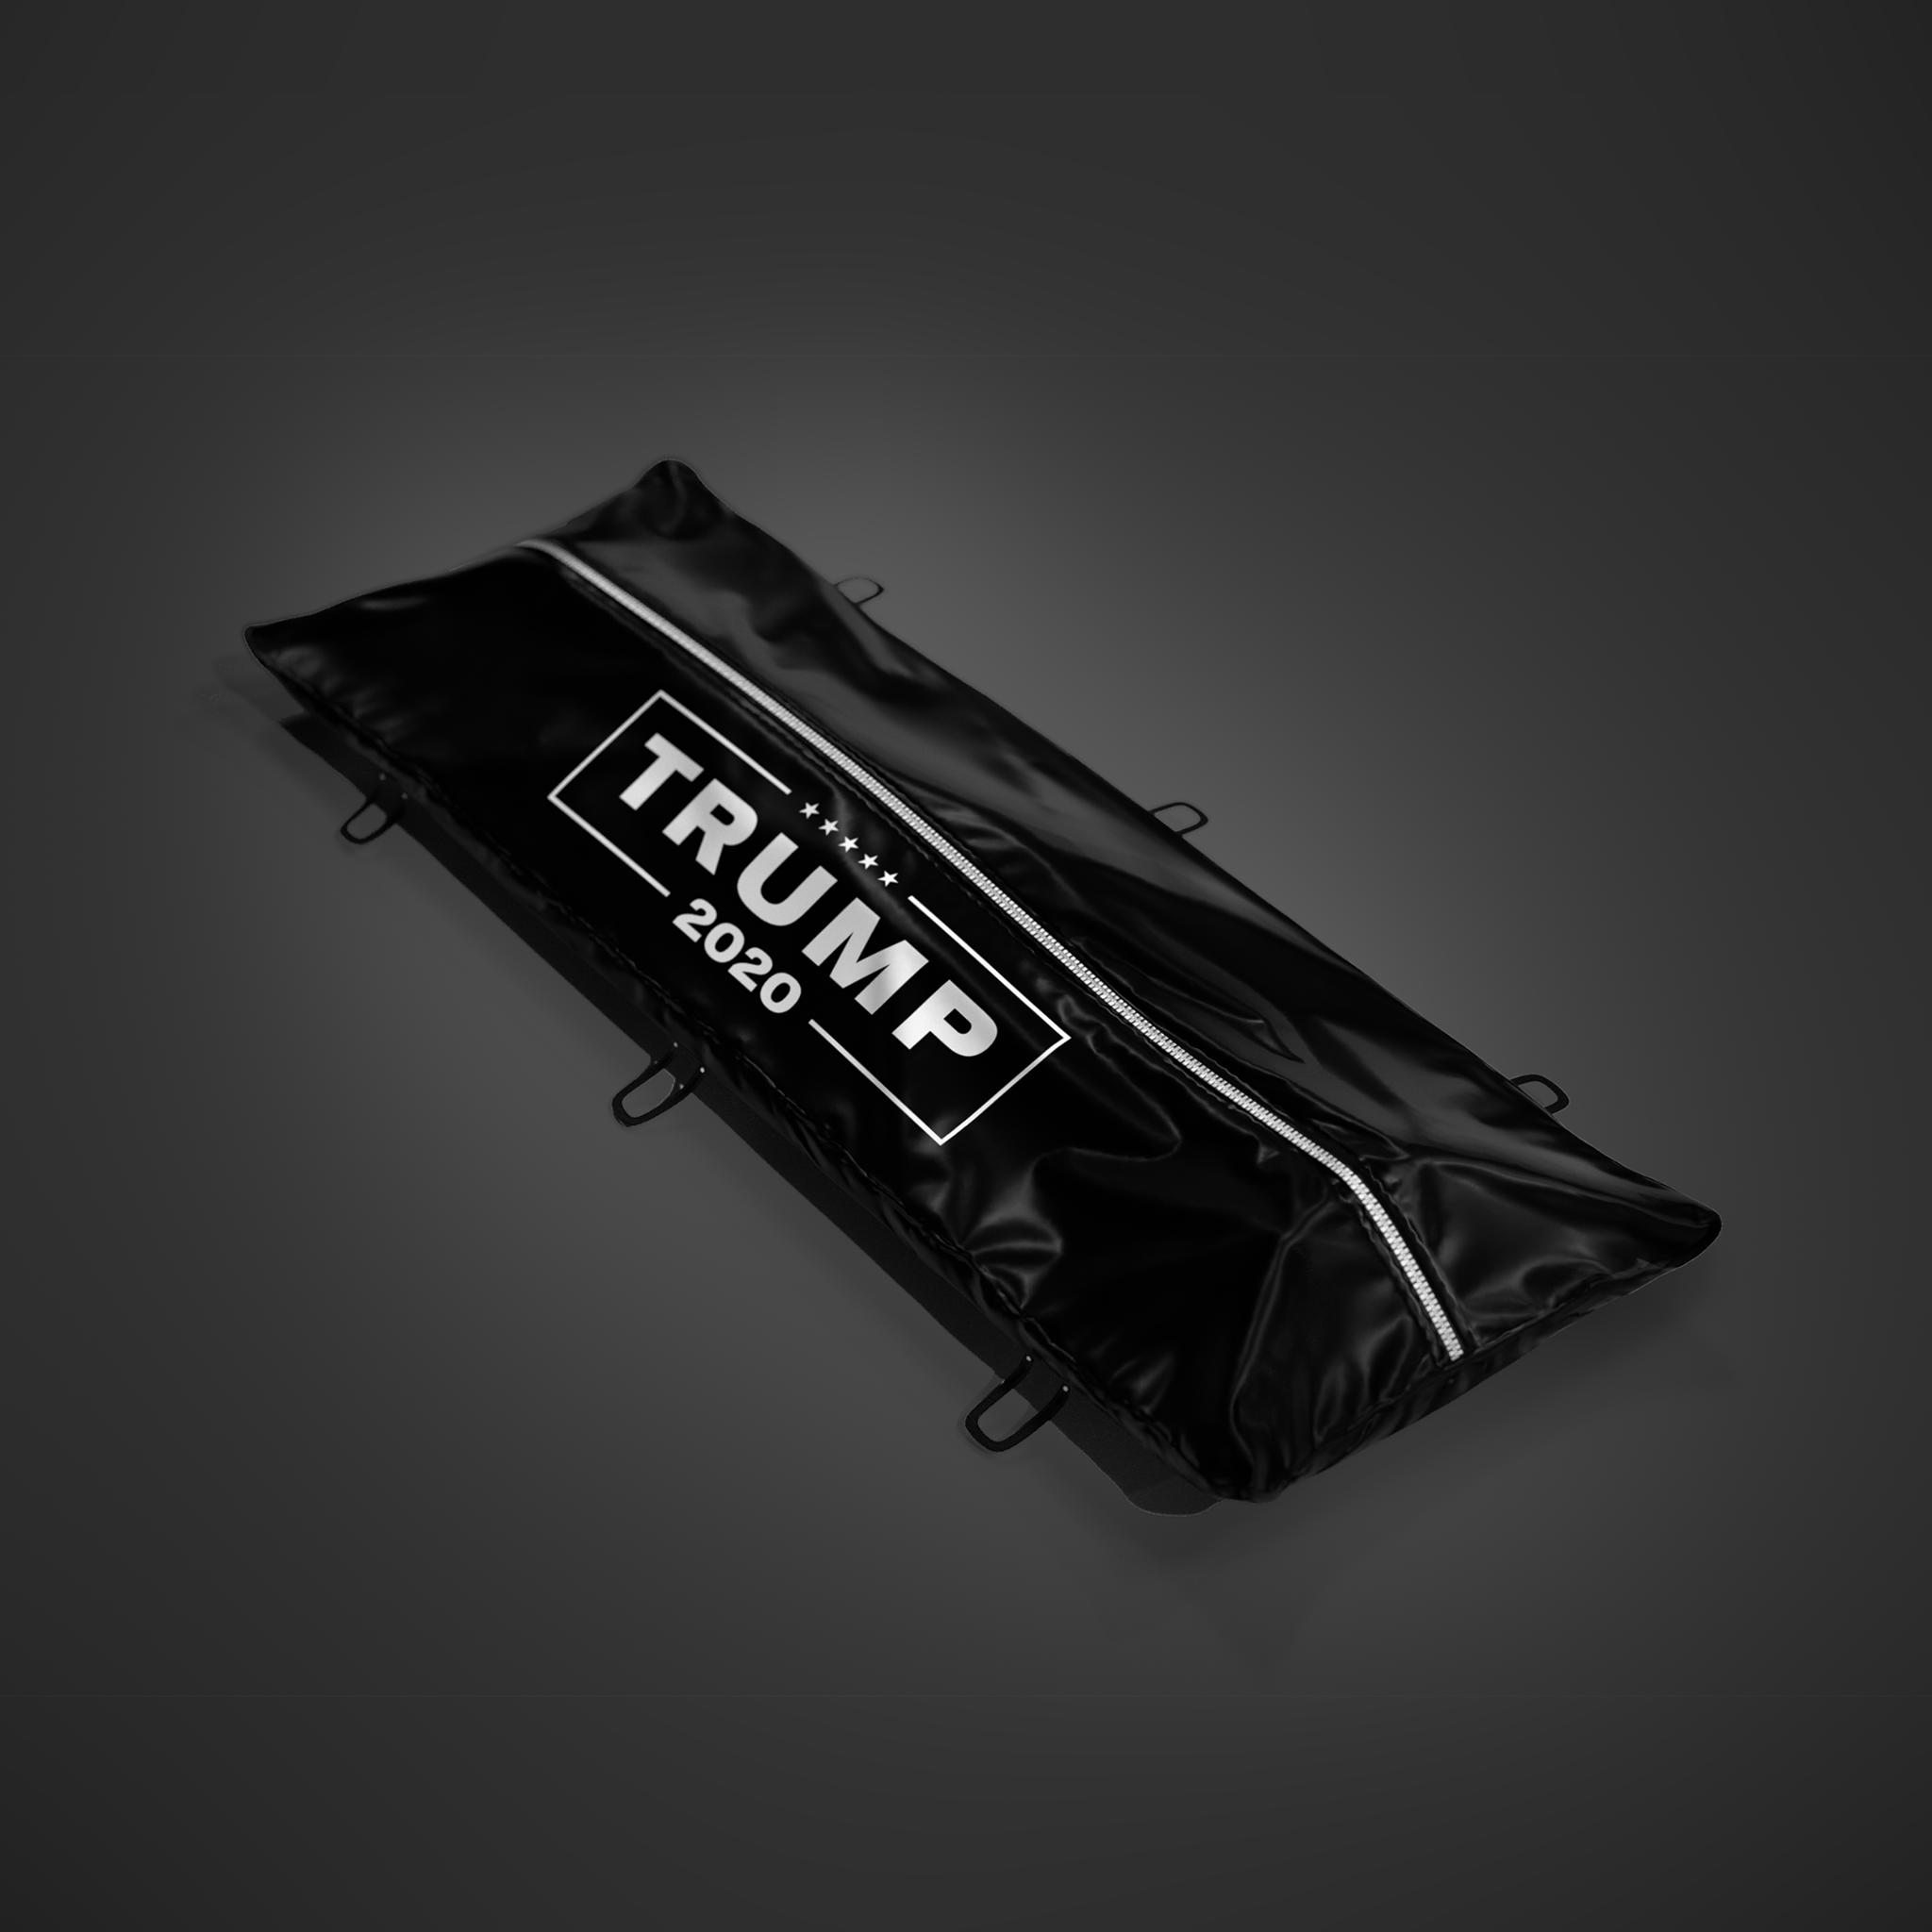 Trump Body Bags 2